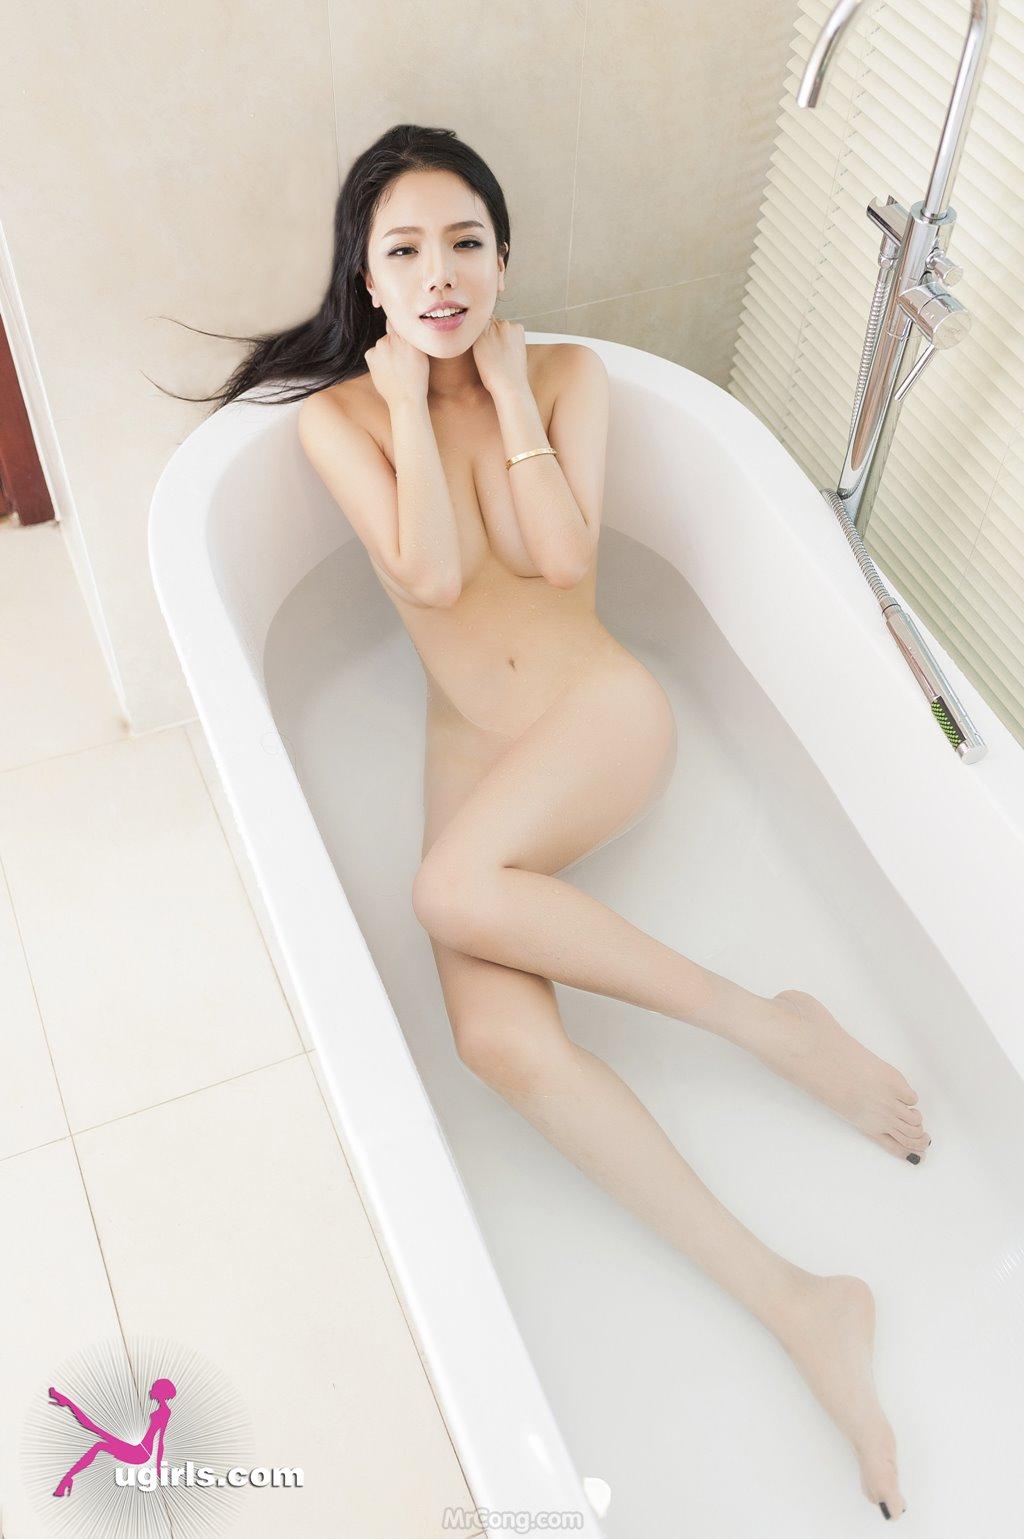 Image MrCong.com-UGIRLS-035-Ni-Xiao-Yao-034 in post Mê mẩn ngắm vòng một nở nang của người đẹp Ni Xiao Yao (妮小妖) trong bộ ảnh UGIRLS 035